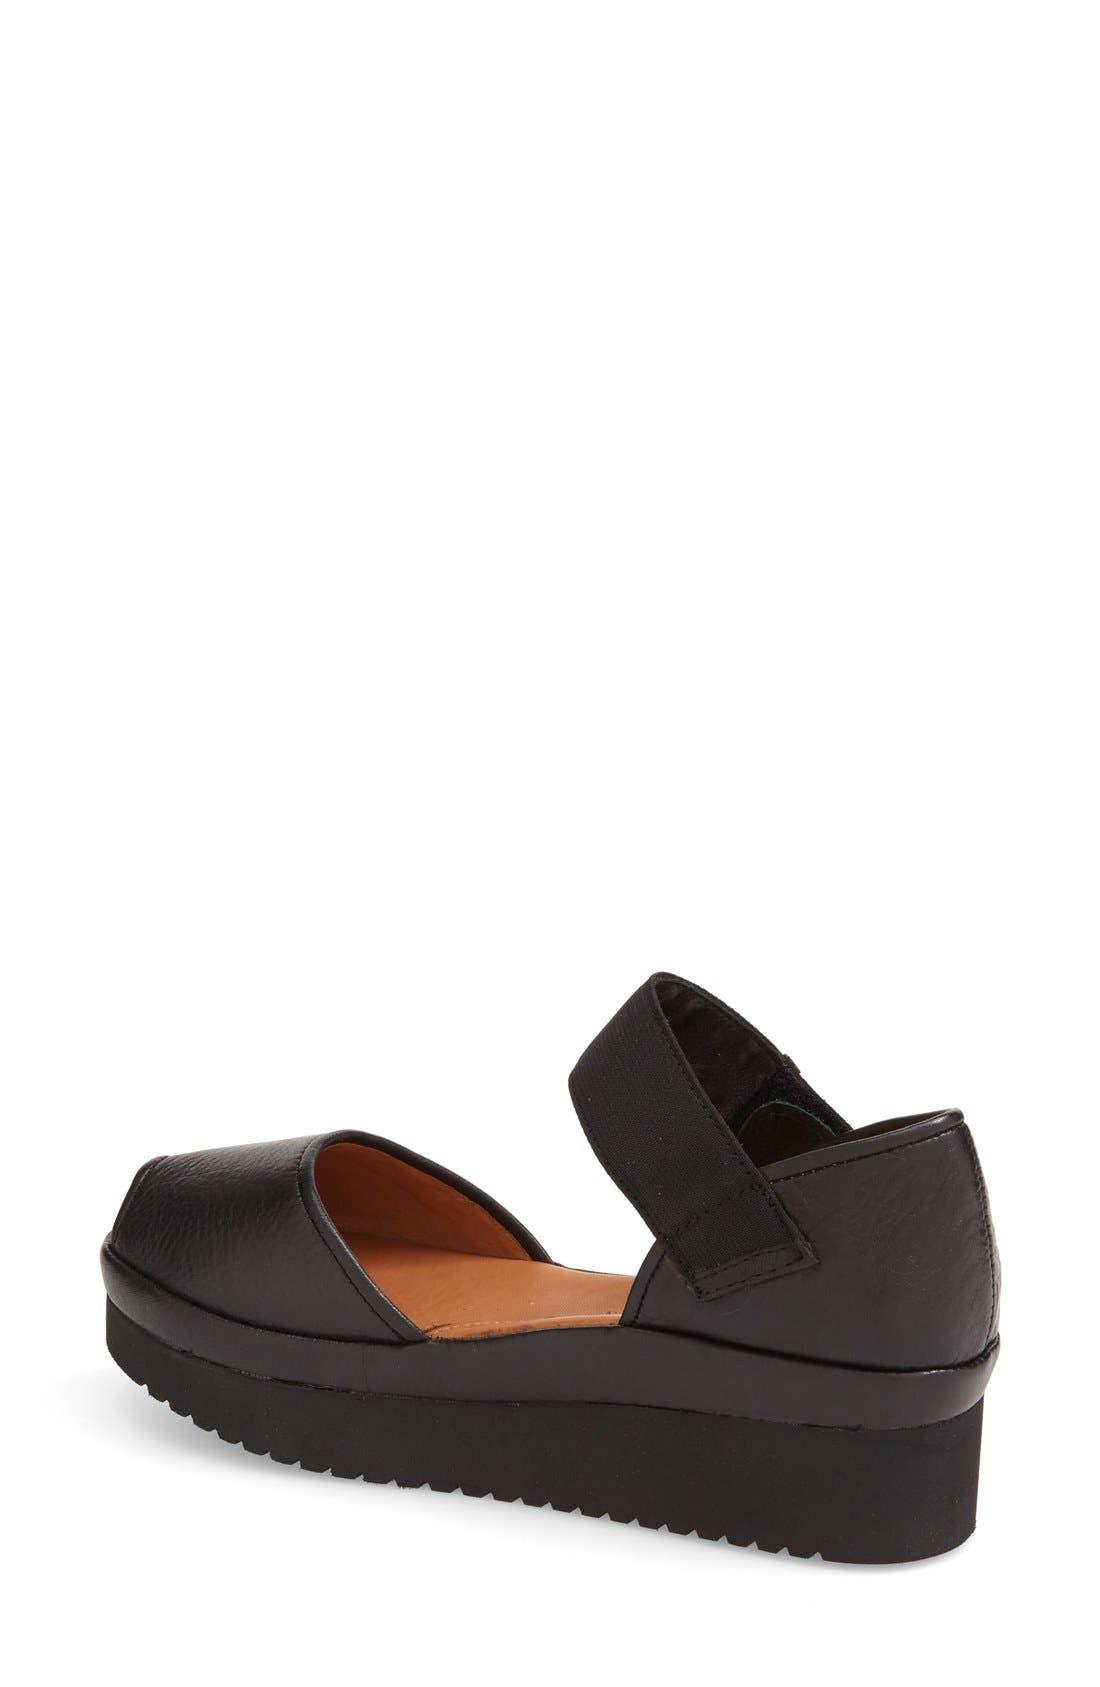 'Amadour' Platform Sandal,                             Alternate thumbnail 16, color,